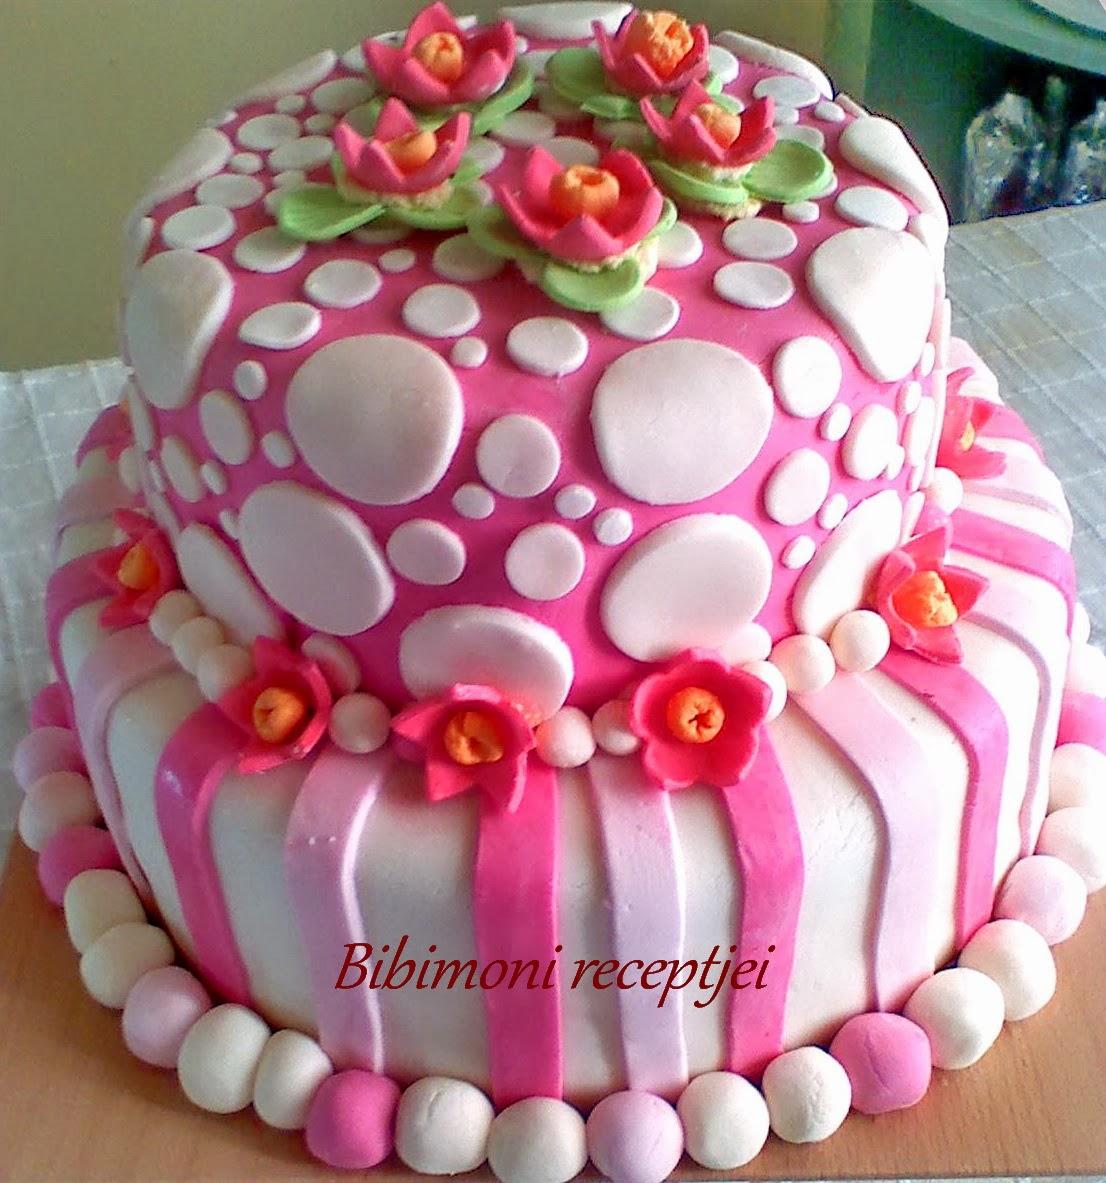 szülinapi emeletes torták Emeletes Szülinapi torta   Bibimoni Receptjei szülinapi emeletes torták